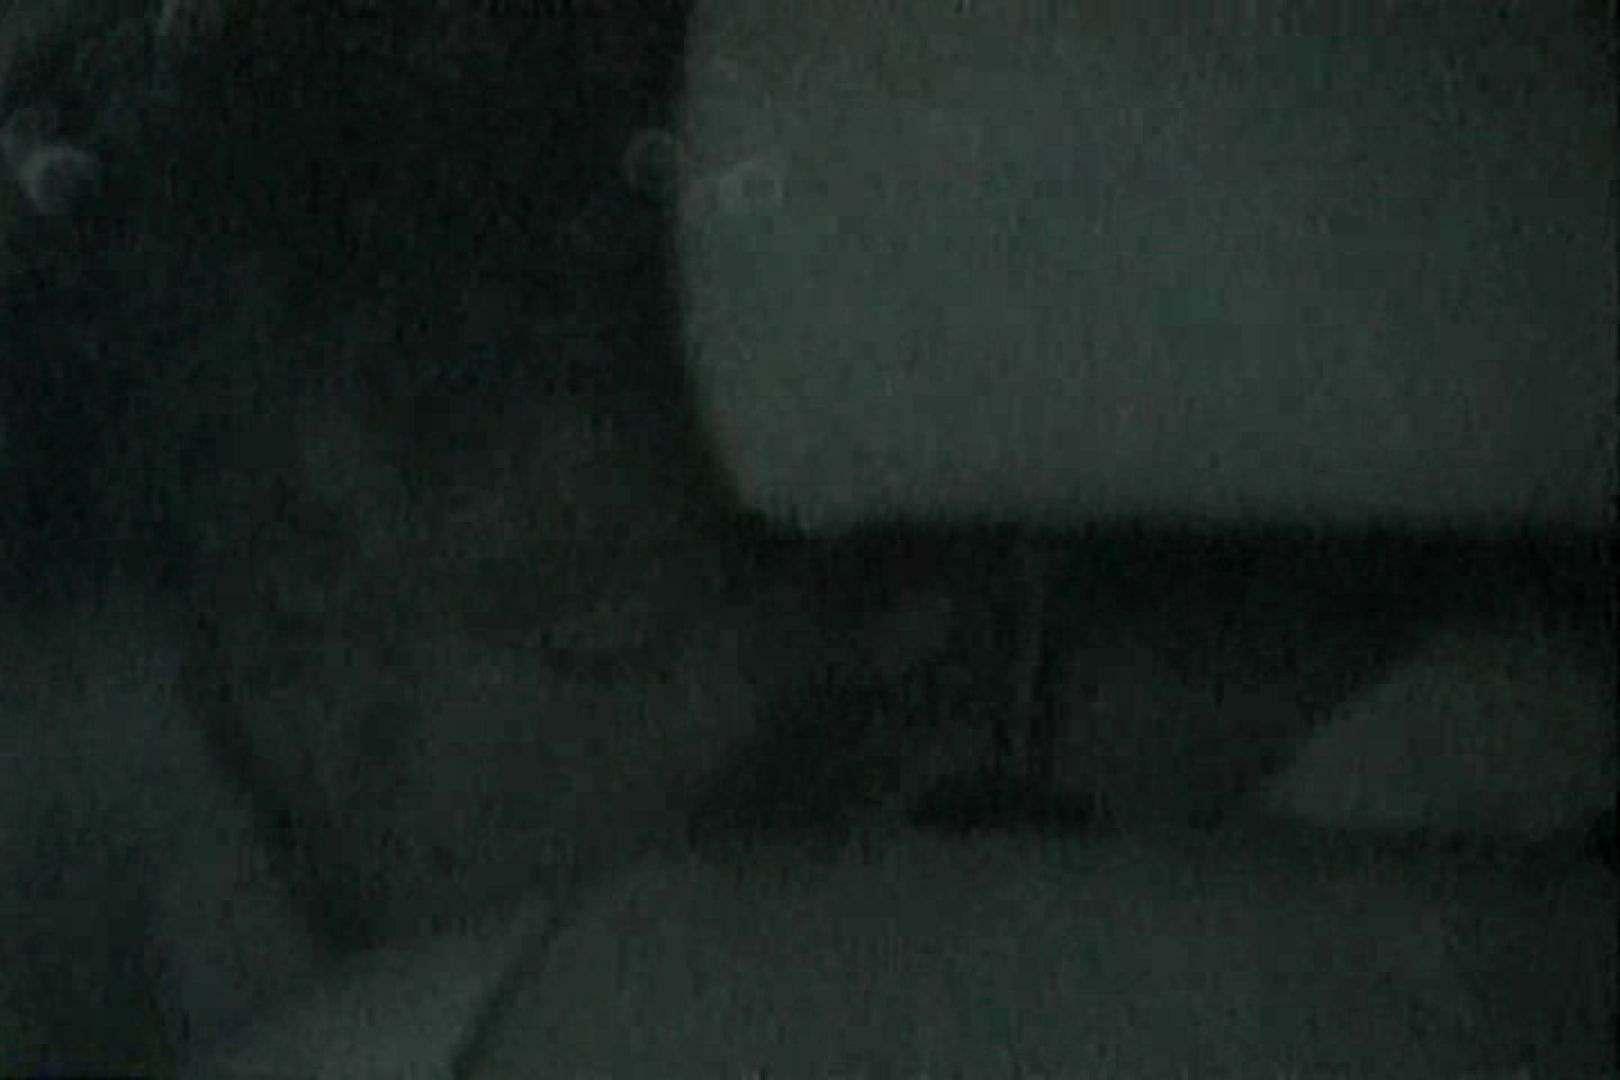 充血監督の深夜の運動会Vol.128 カーセックス AV無料動画キャプチャ 85画像 29